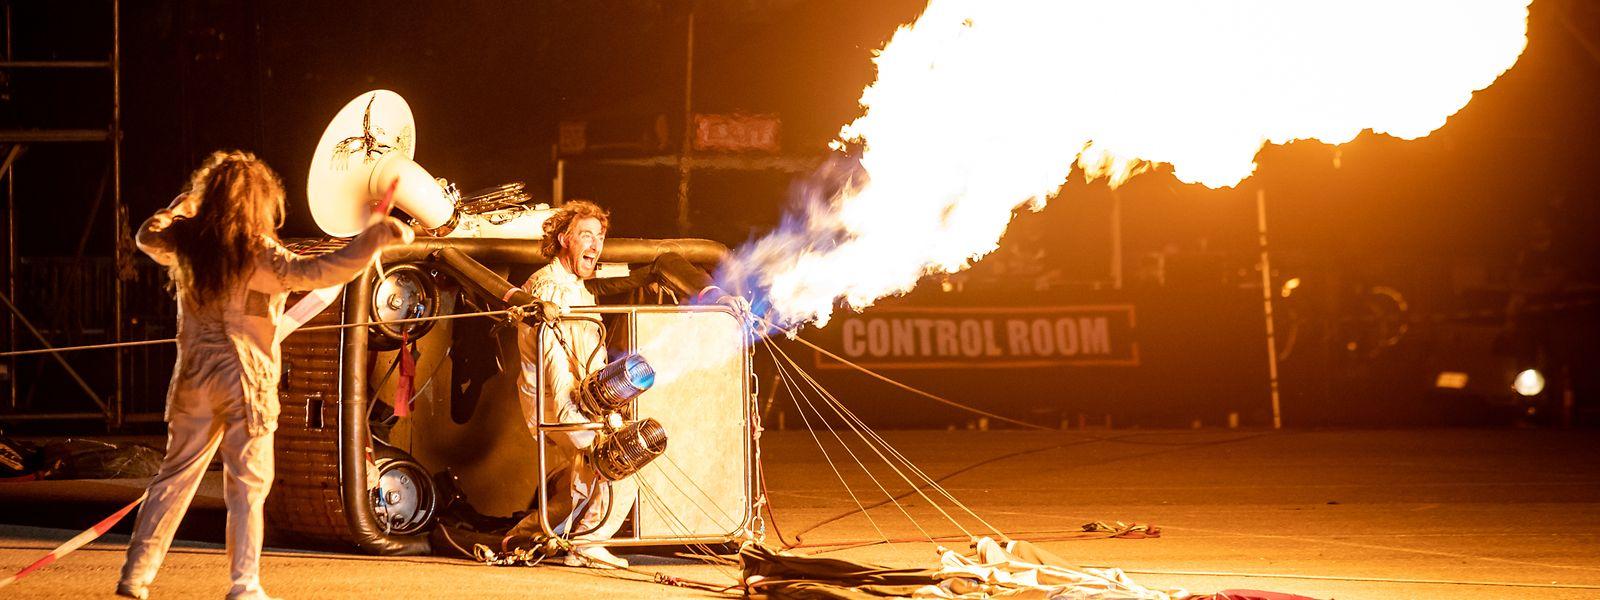 Parmi les animations prévues samedi soir, le décollage nocturne d'une montgolfière.